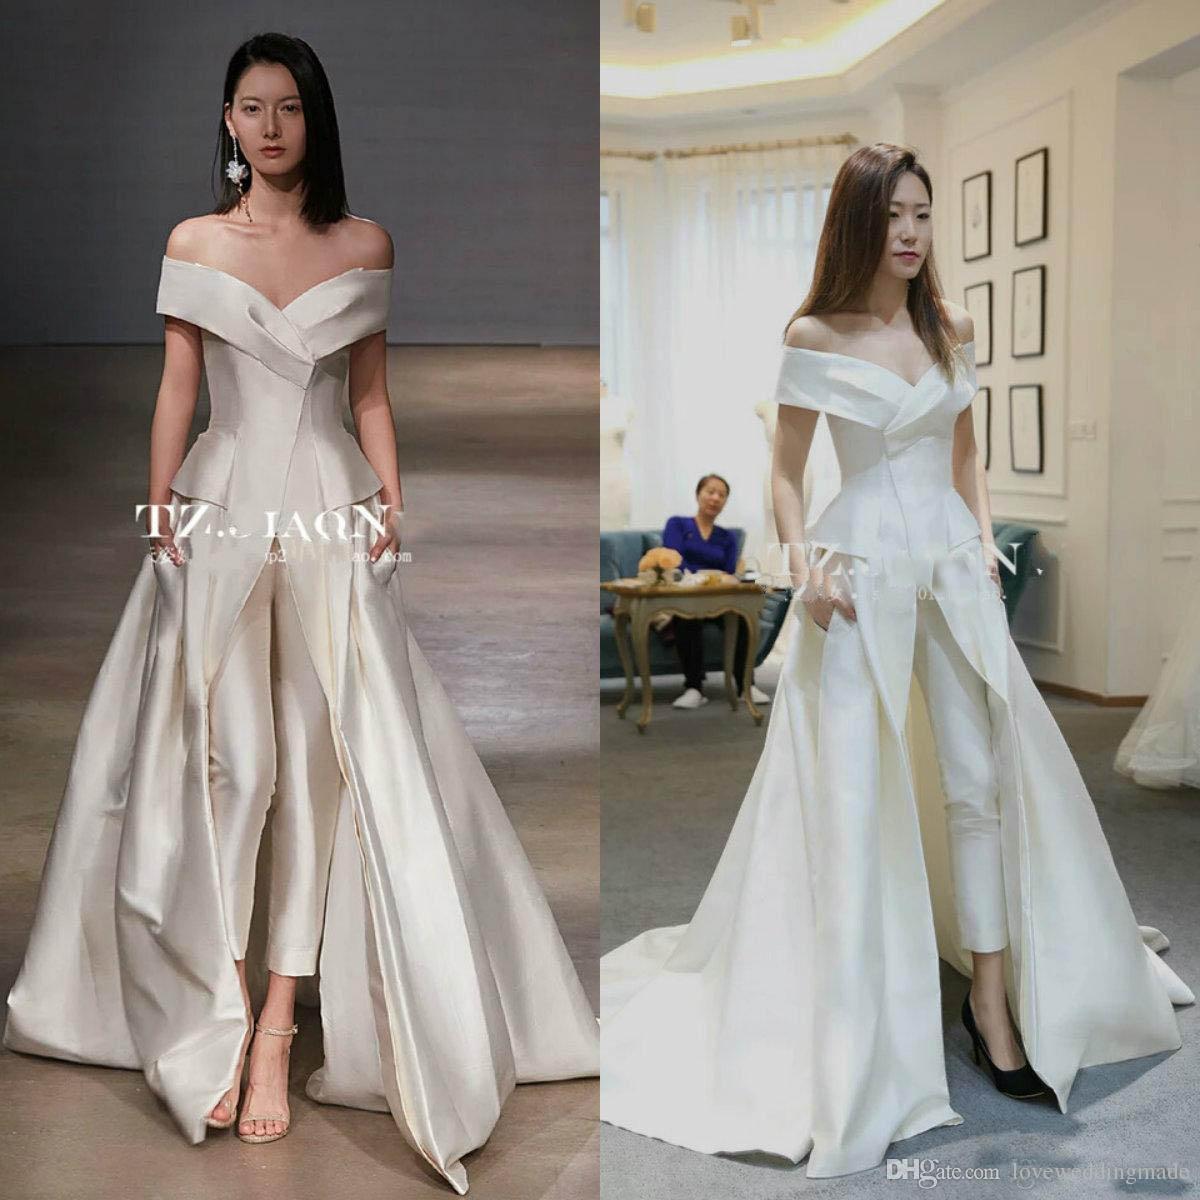 a4f90a42e Vestidos Sociais Curtos 2018 Moda Elegante Branco Vestidos De Noite Macacão  Calças Fora Do Ombro De Cetim Longo Formal Vestidos De Festa Zuhair Murad  ...